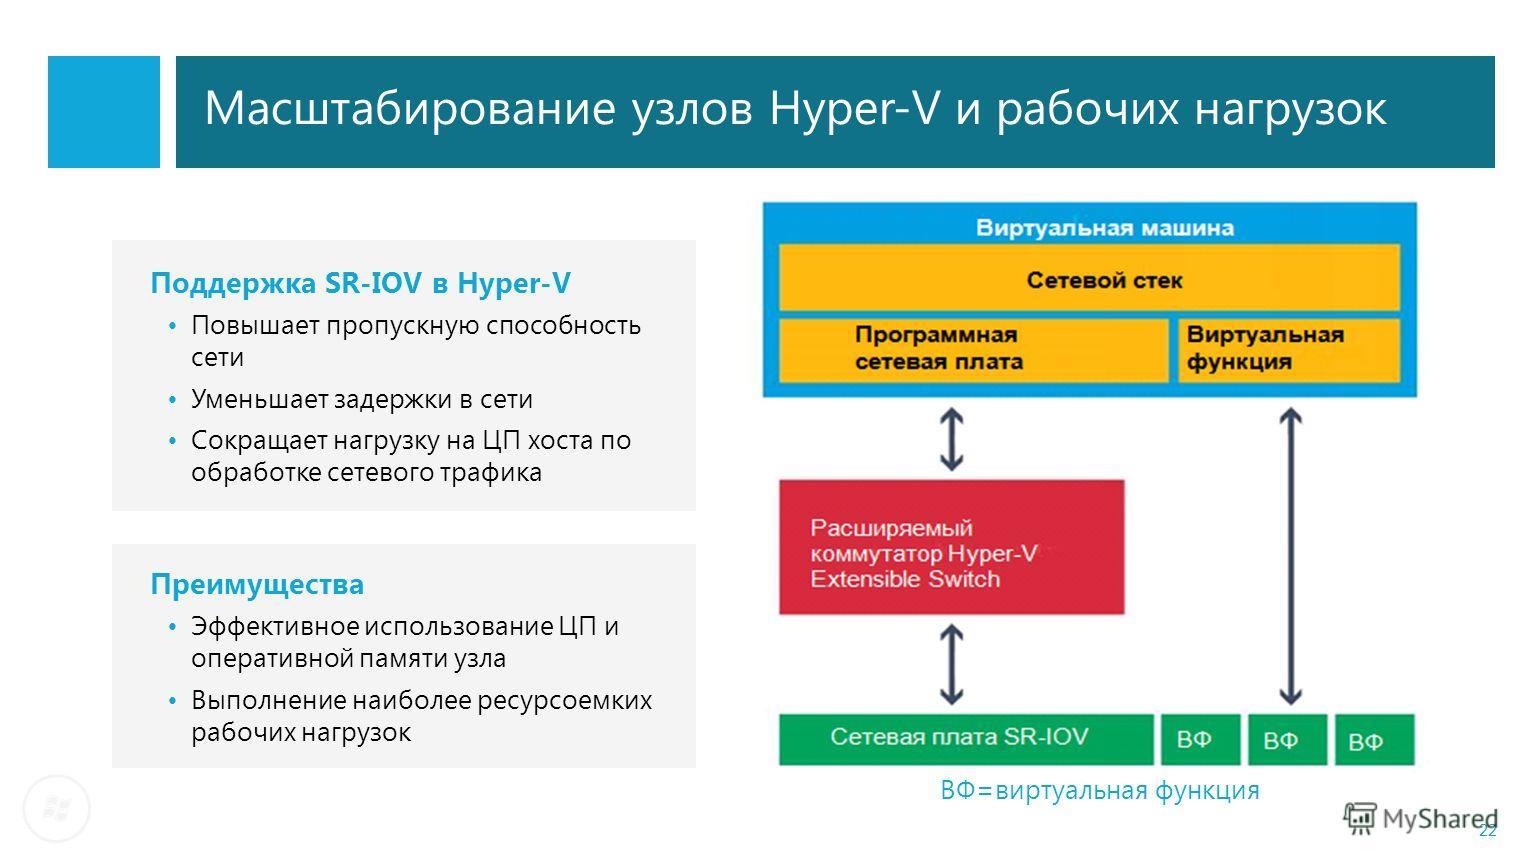 Масштабирование узлов Hyper-V и рабочих нагрузок Поддержка SR-IOV в Hyper-V Повышает пропускную способность сети Уменьшает задержки в сети Сокращает нагрузку на ЦП хоста по обработке сетевого трафика 22 Преимущества Эффективное использование ЦП и опе